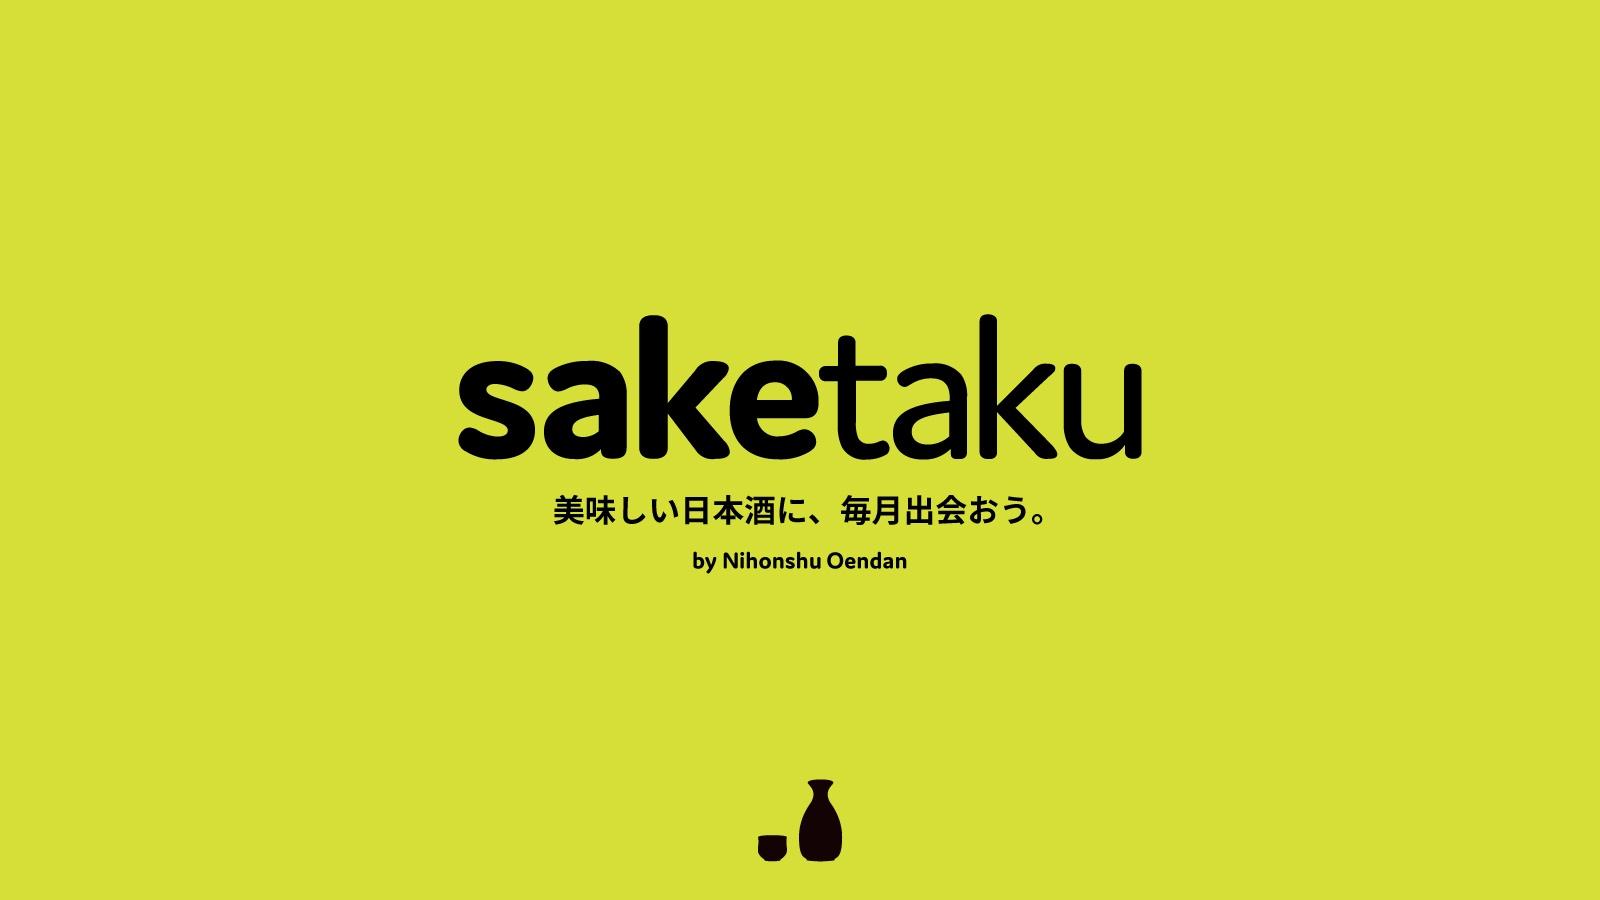 saketakuロゴ